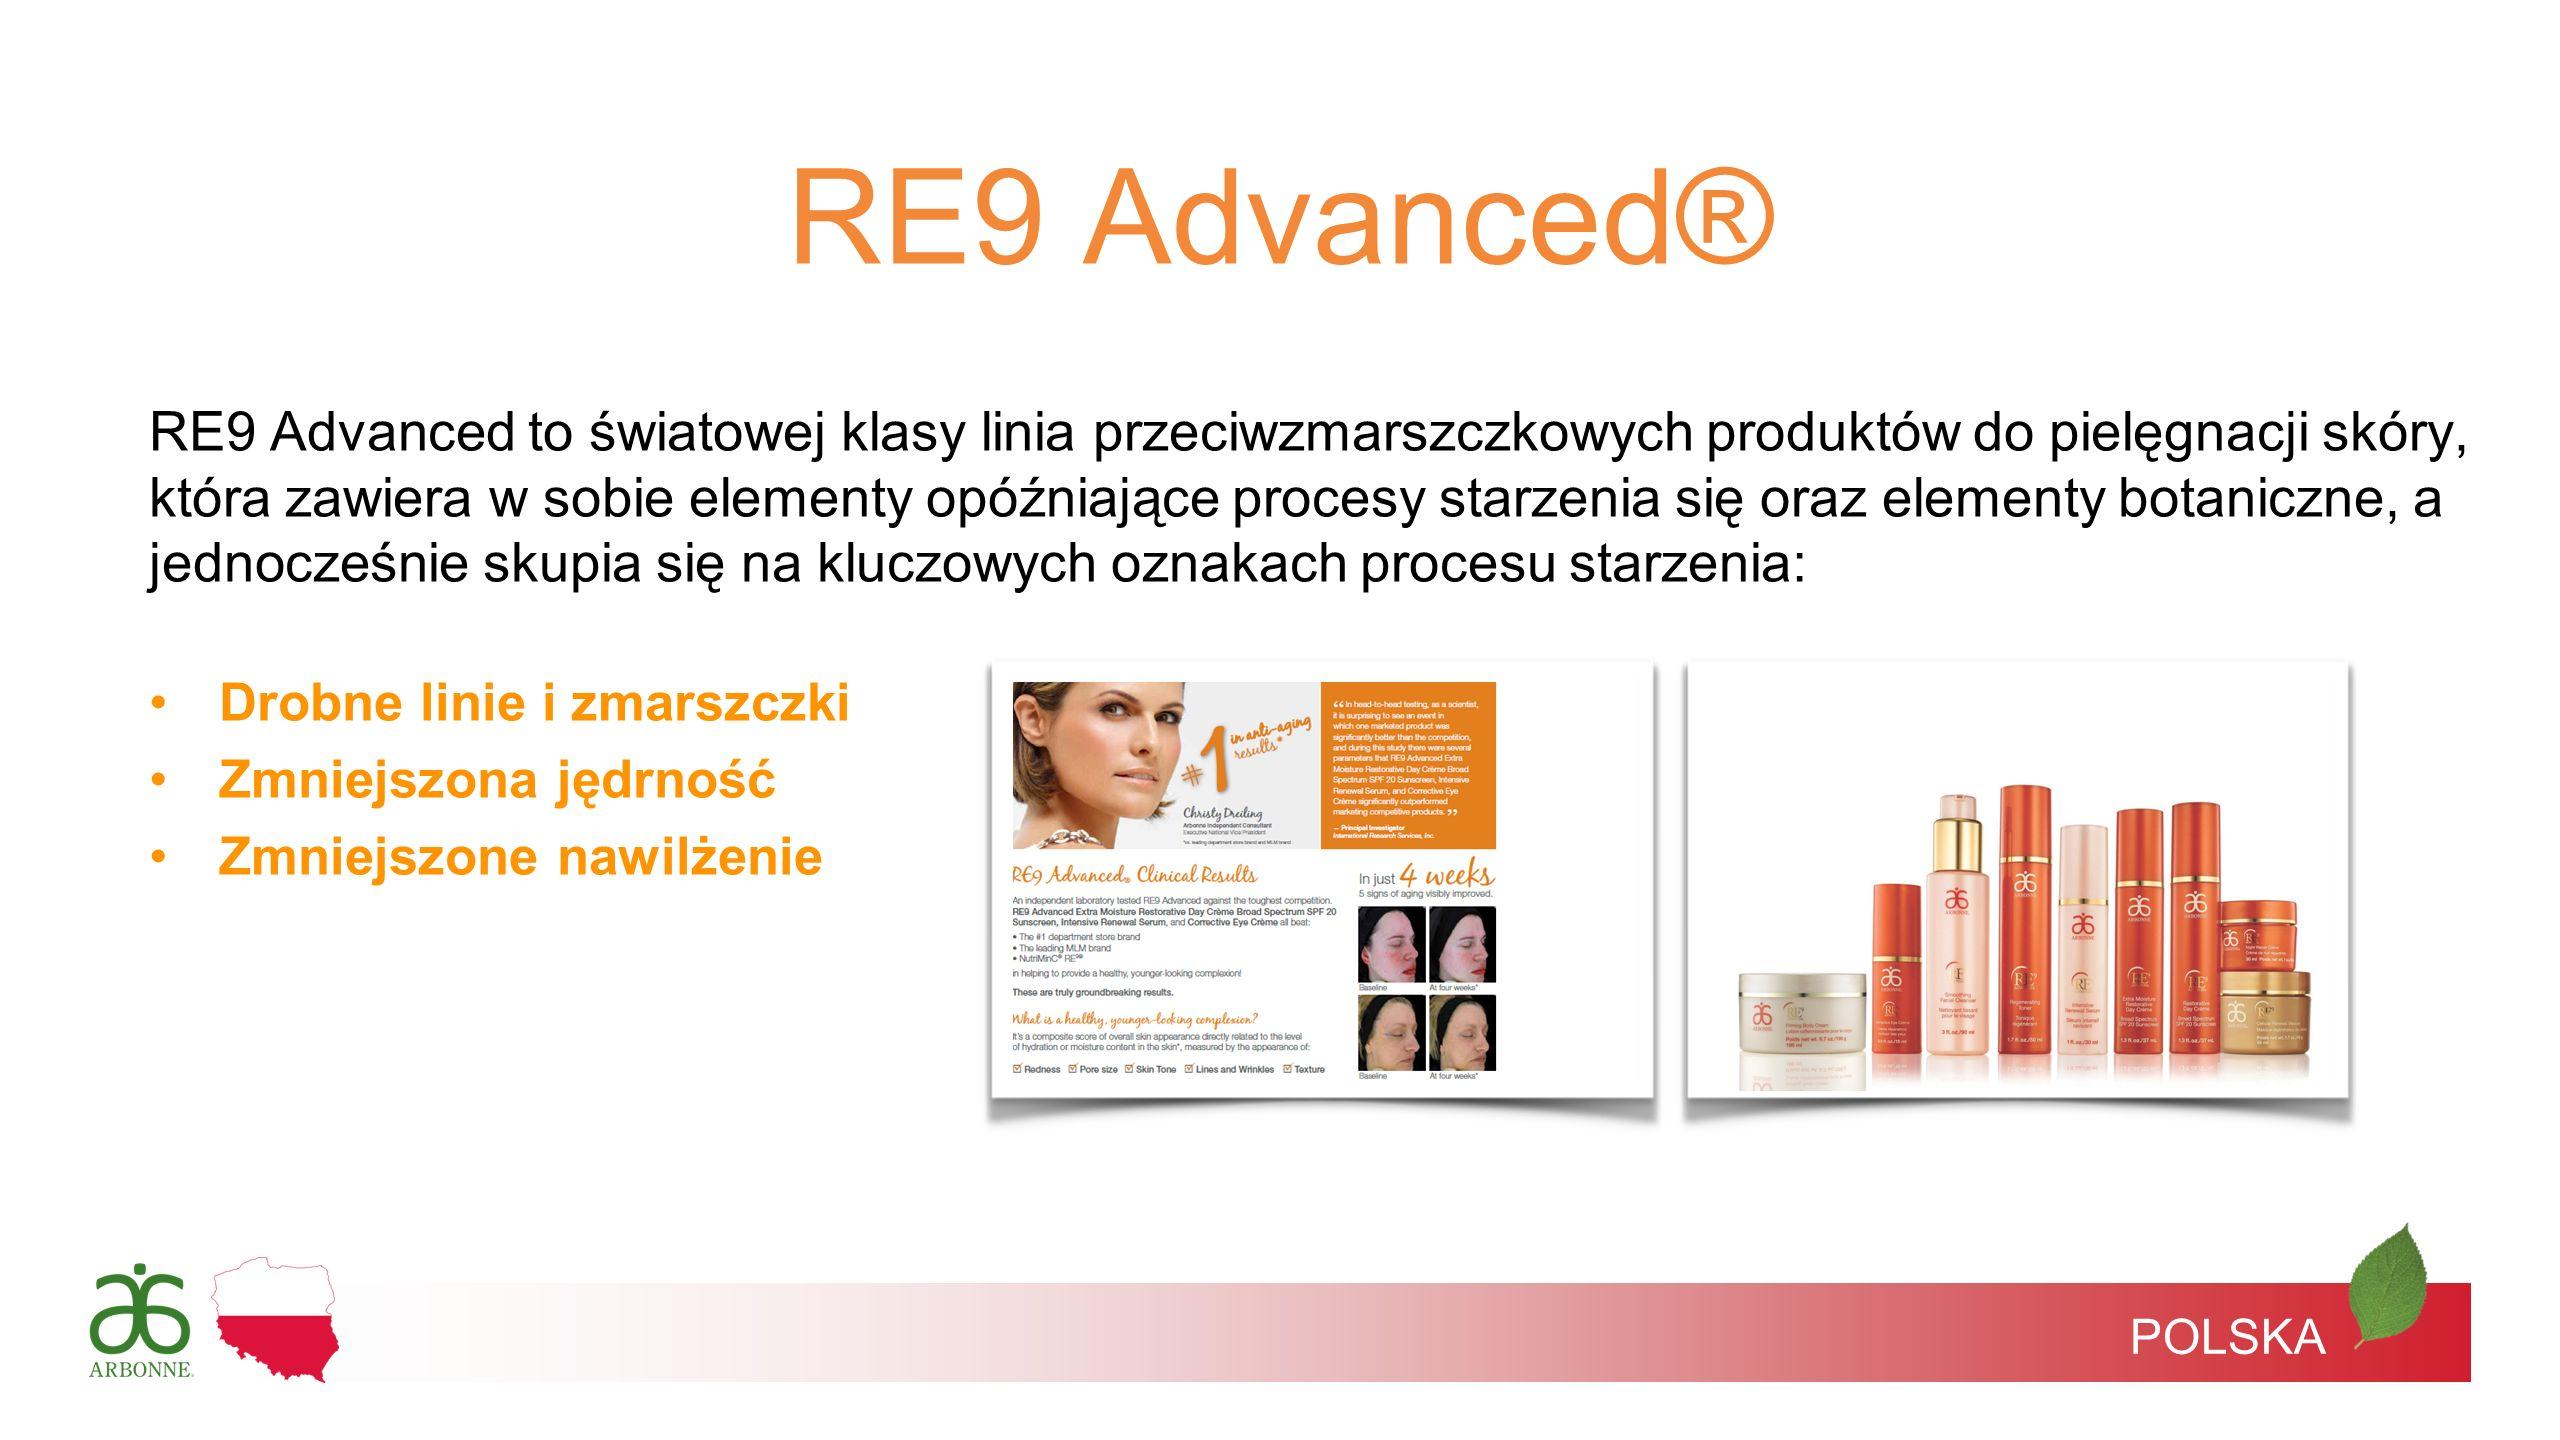 POLSKA RE9 Advanced to światowej klasy linia przeciwzmarszczkowych produktów do pielęgnacji skóry, która zawiera w sobie elementy opóźniające procesy